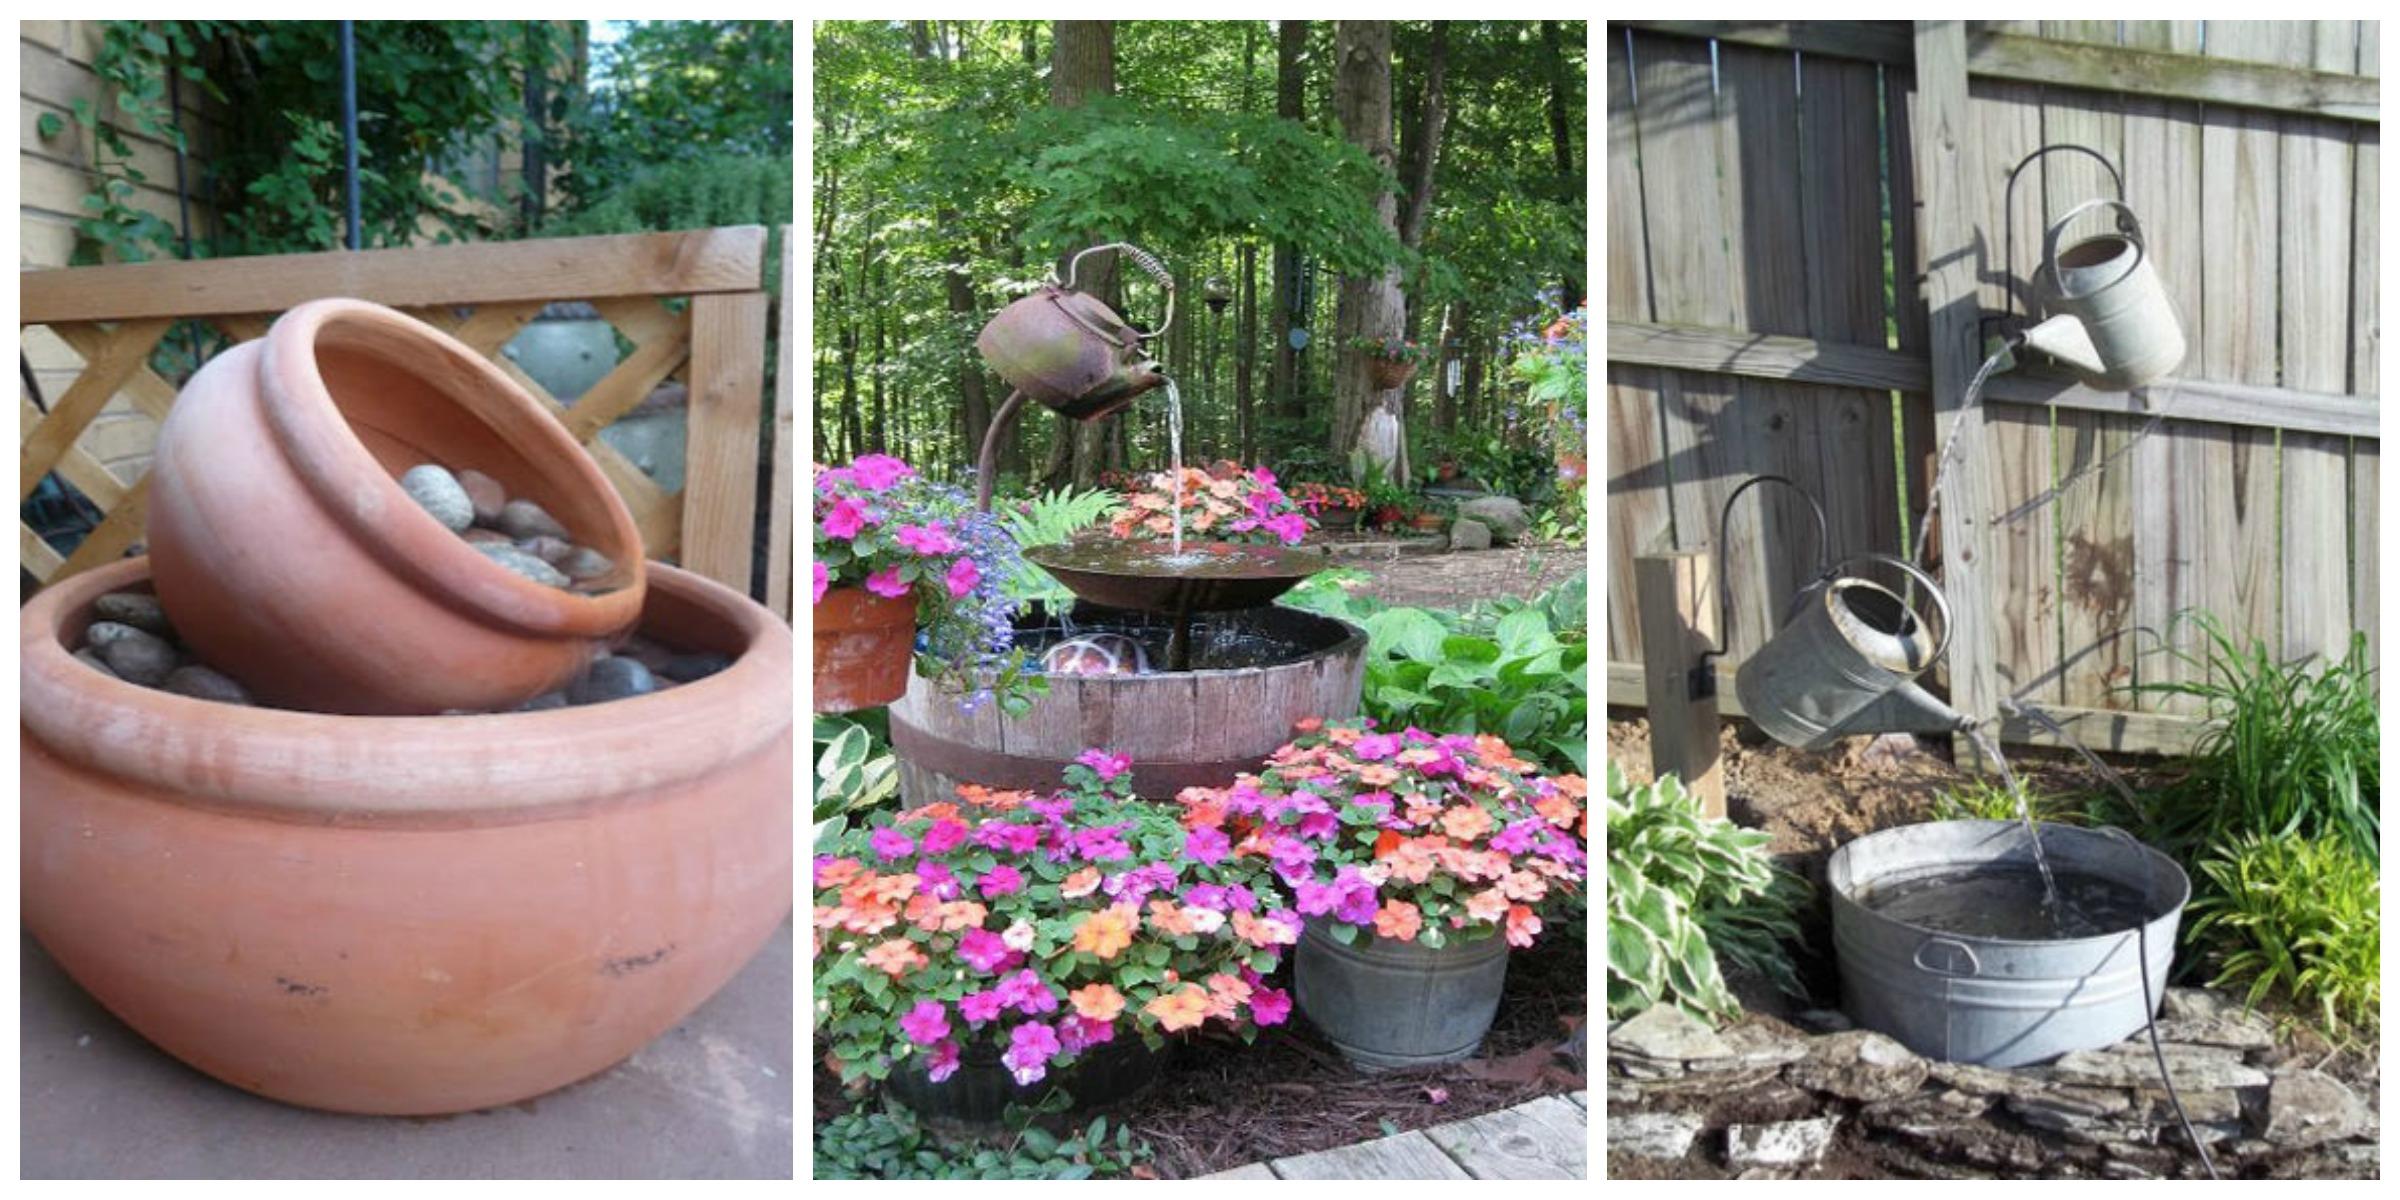 15 DIY Outdoor Fountain Ideas - How To Make a Garden ... on Diy Garden Patio Ideas id=94453